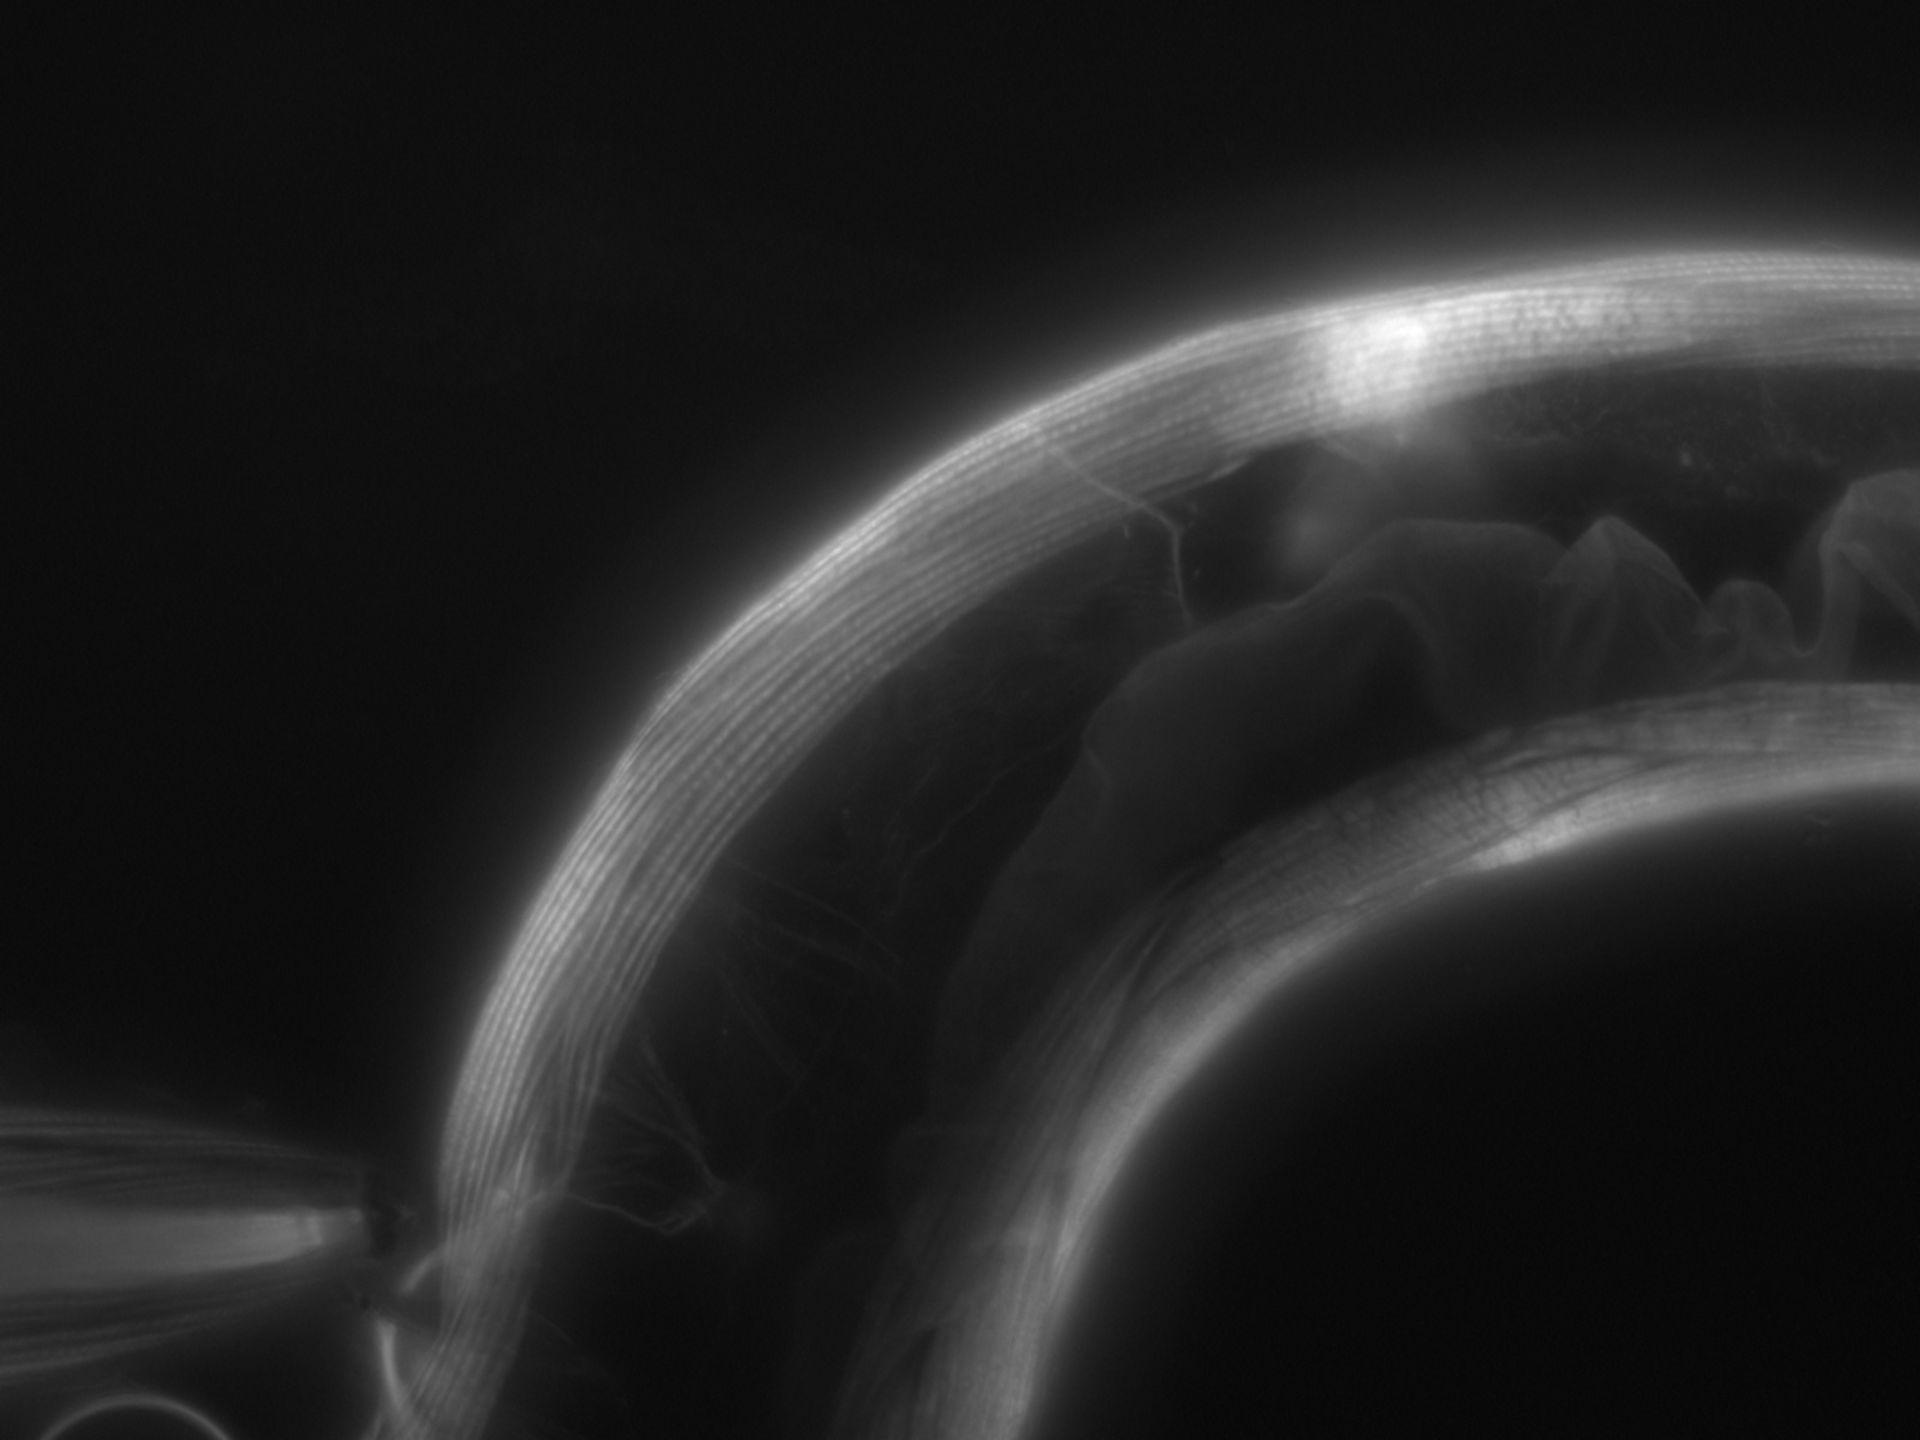 Caenorhabditis elegans (Actin filament) - CIL:1070